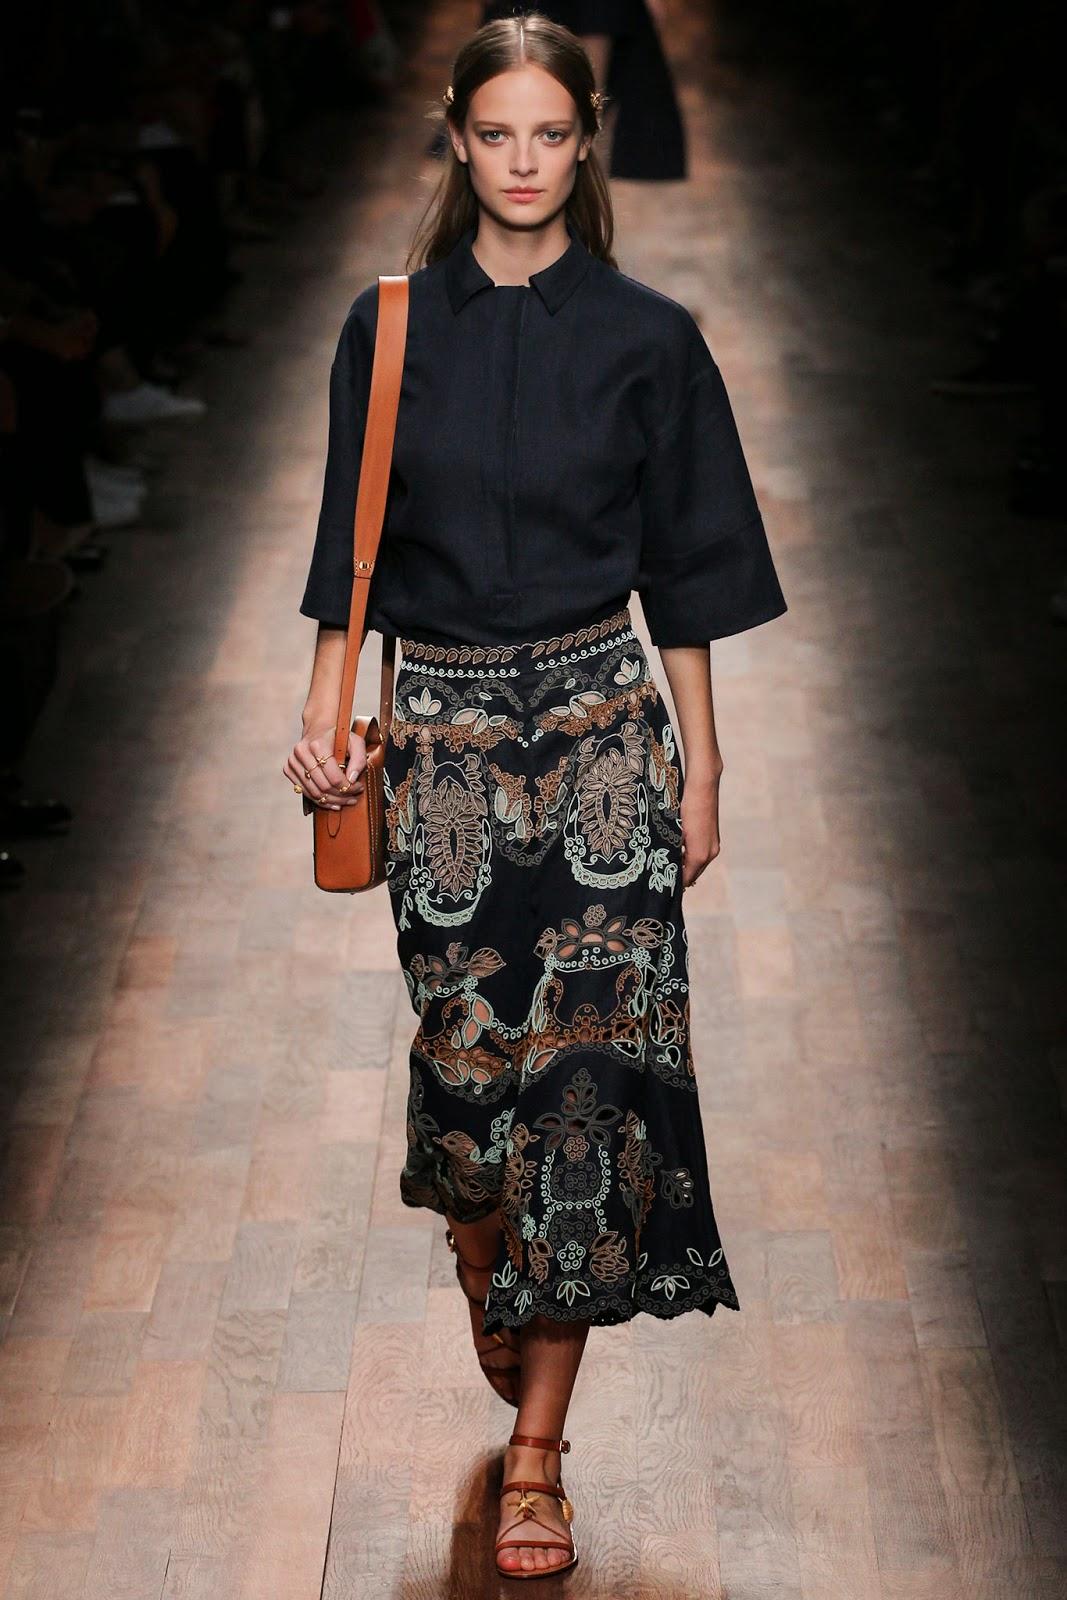 valentino 2015 summer 2016 trend women dress 3 Valentino 2015 samling, våren sommaren 2016 Valentino klänning modeller, Valentino kväll klänning nya säsongen kvinnors kjolar modeller